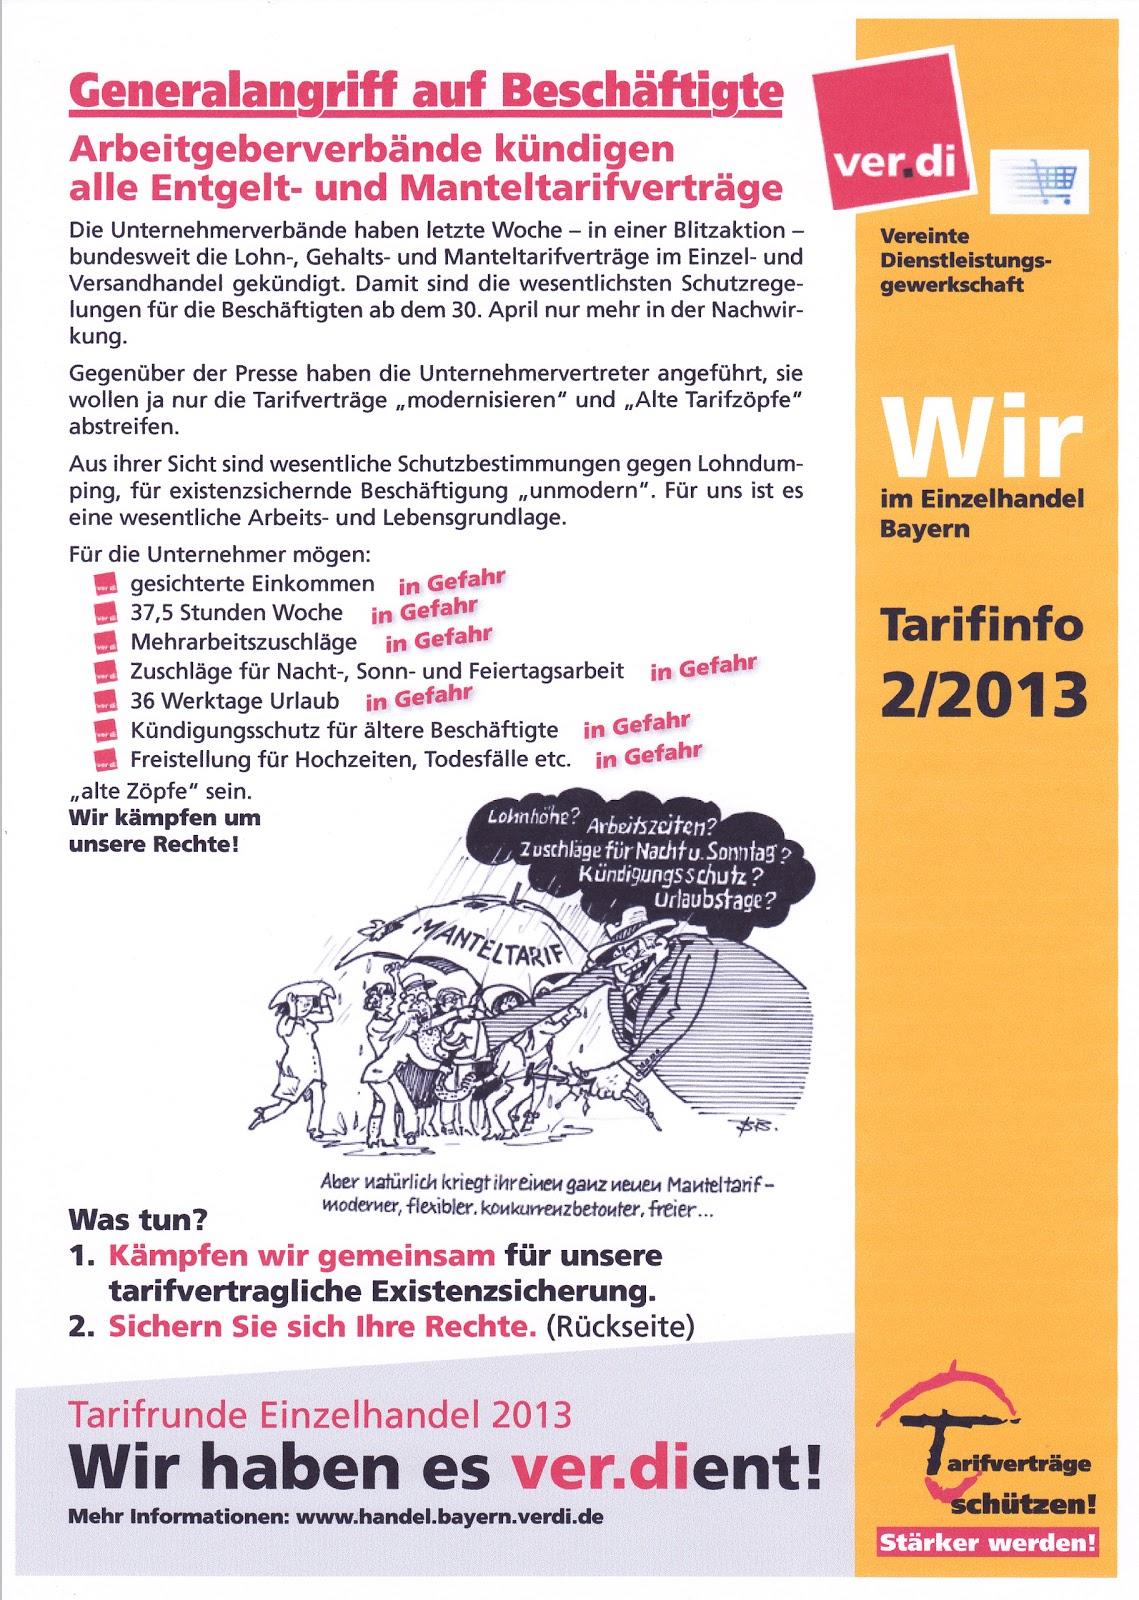 teil arbeitsvertrag ohne tarifbindung